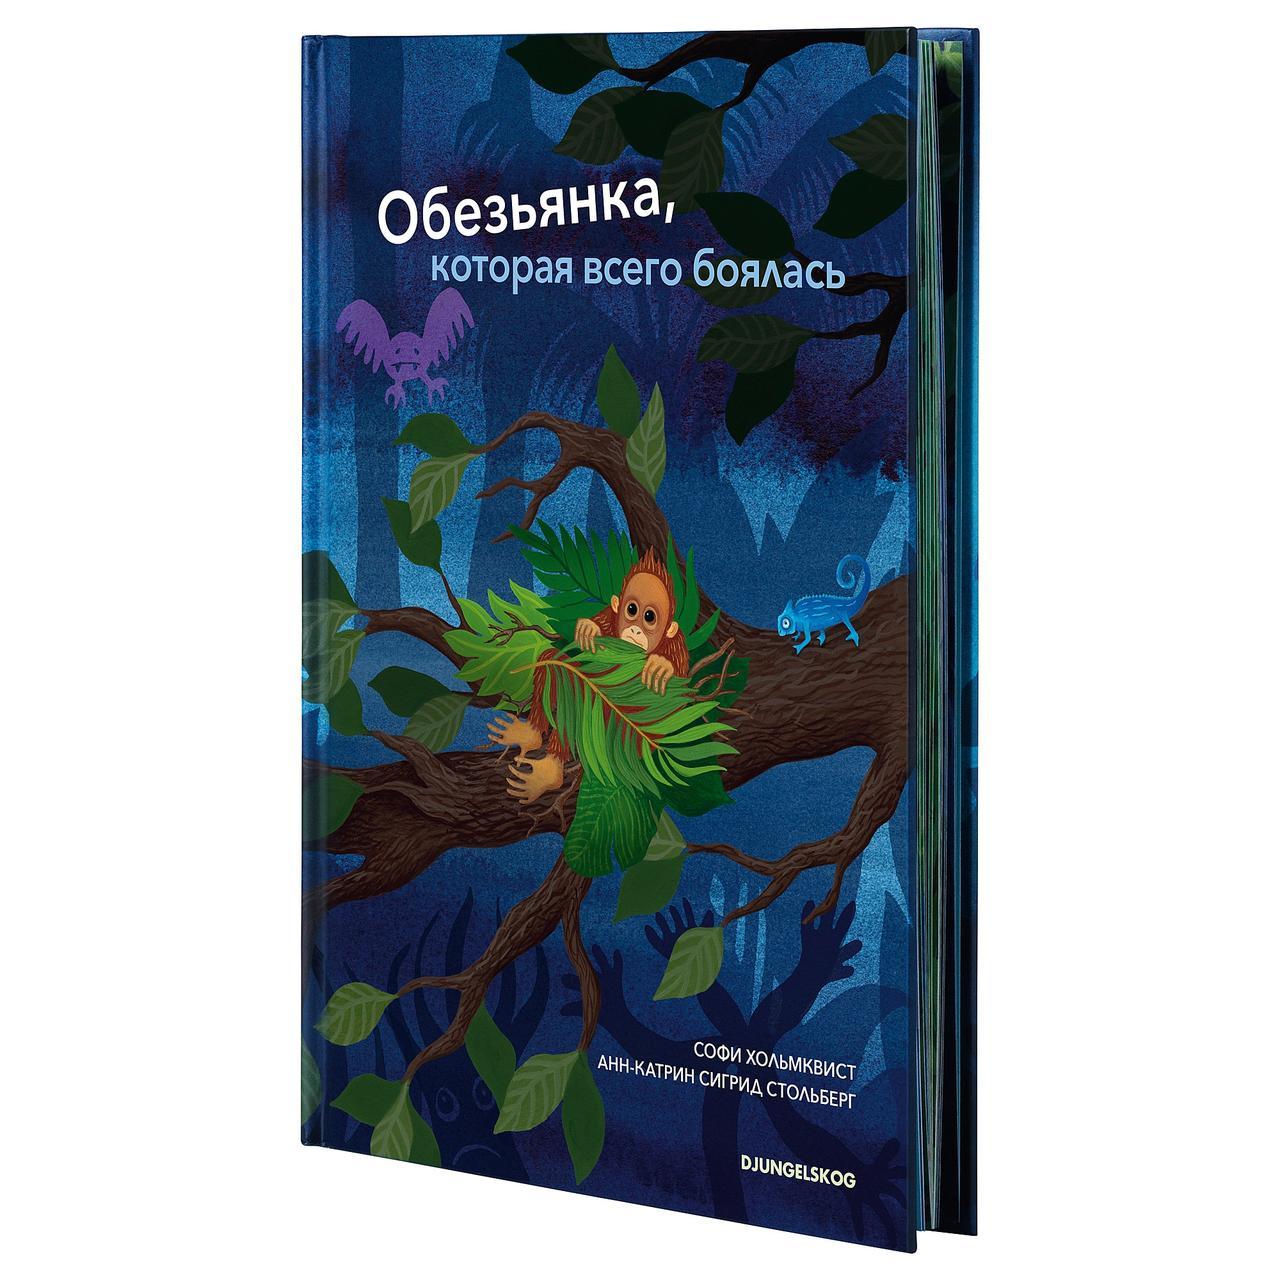 ДЬЮНГЕЛЬСКОГ Книга, Обезьянка, которая всего боялась